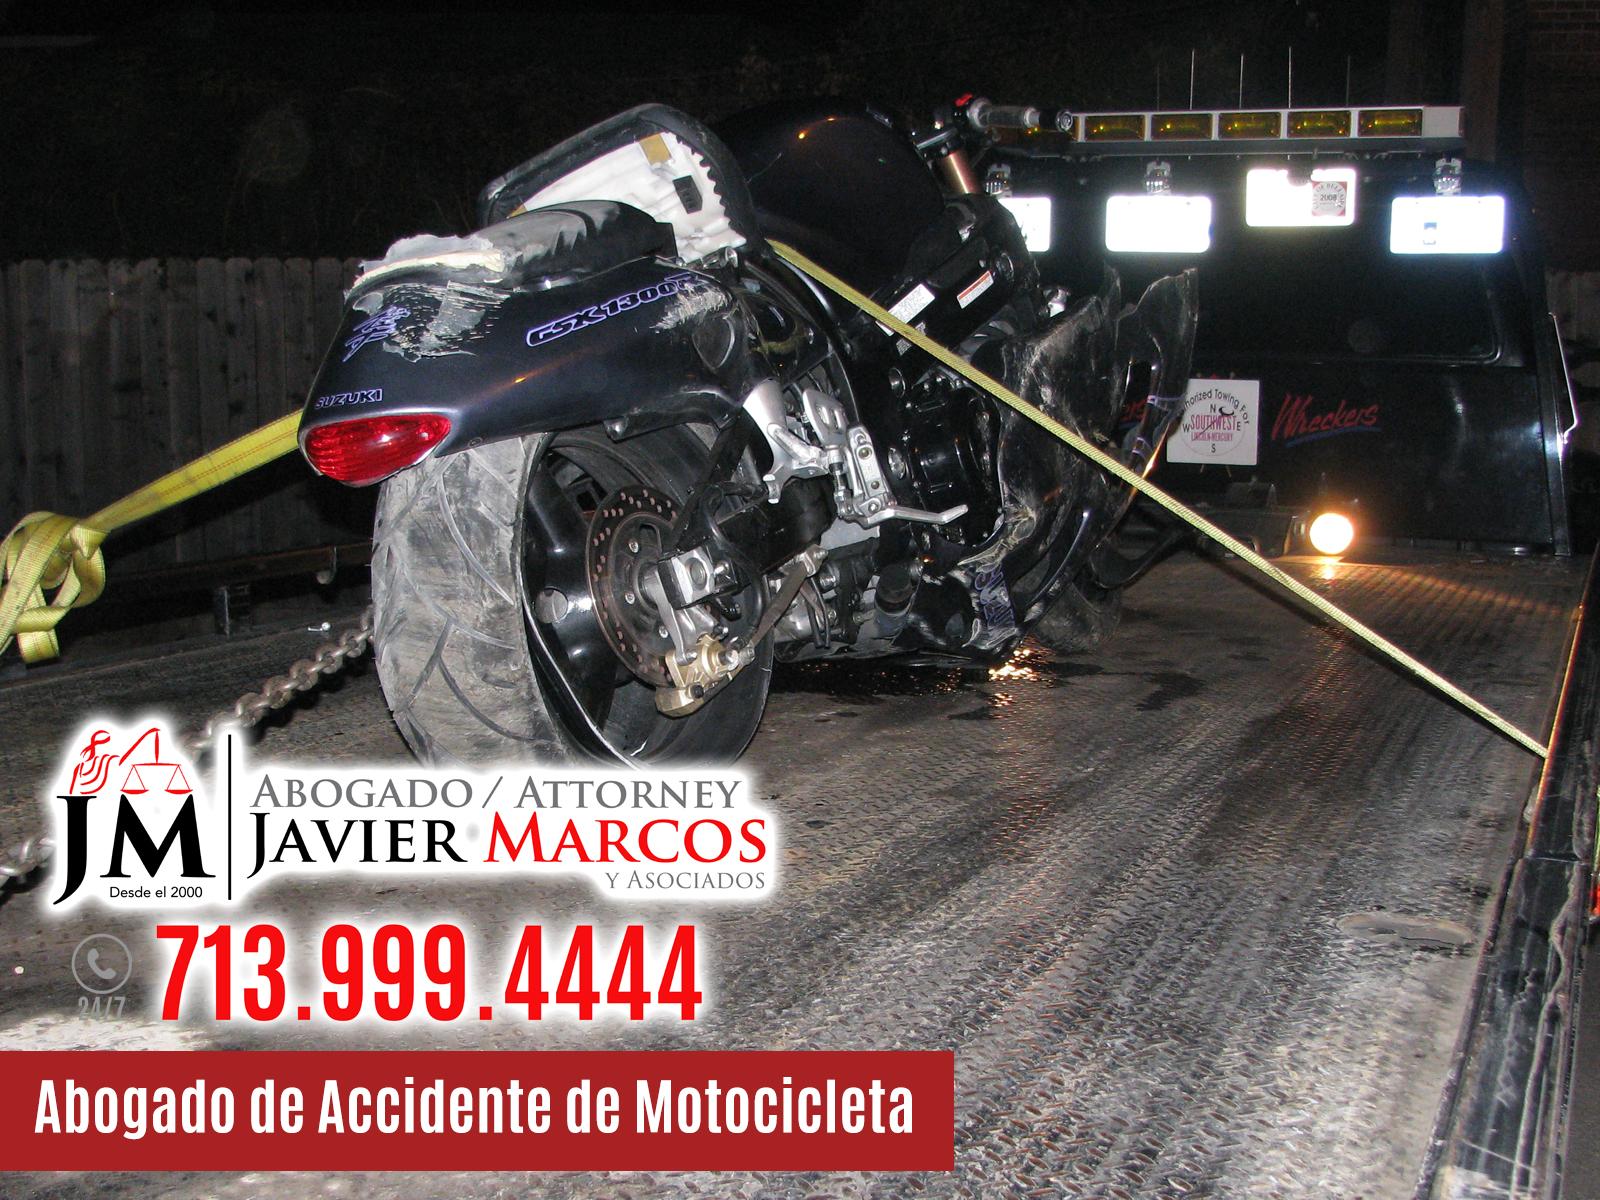 Abogado de Accidente de Motocicleta | Abogado Javier Marcos | 713.999.4444